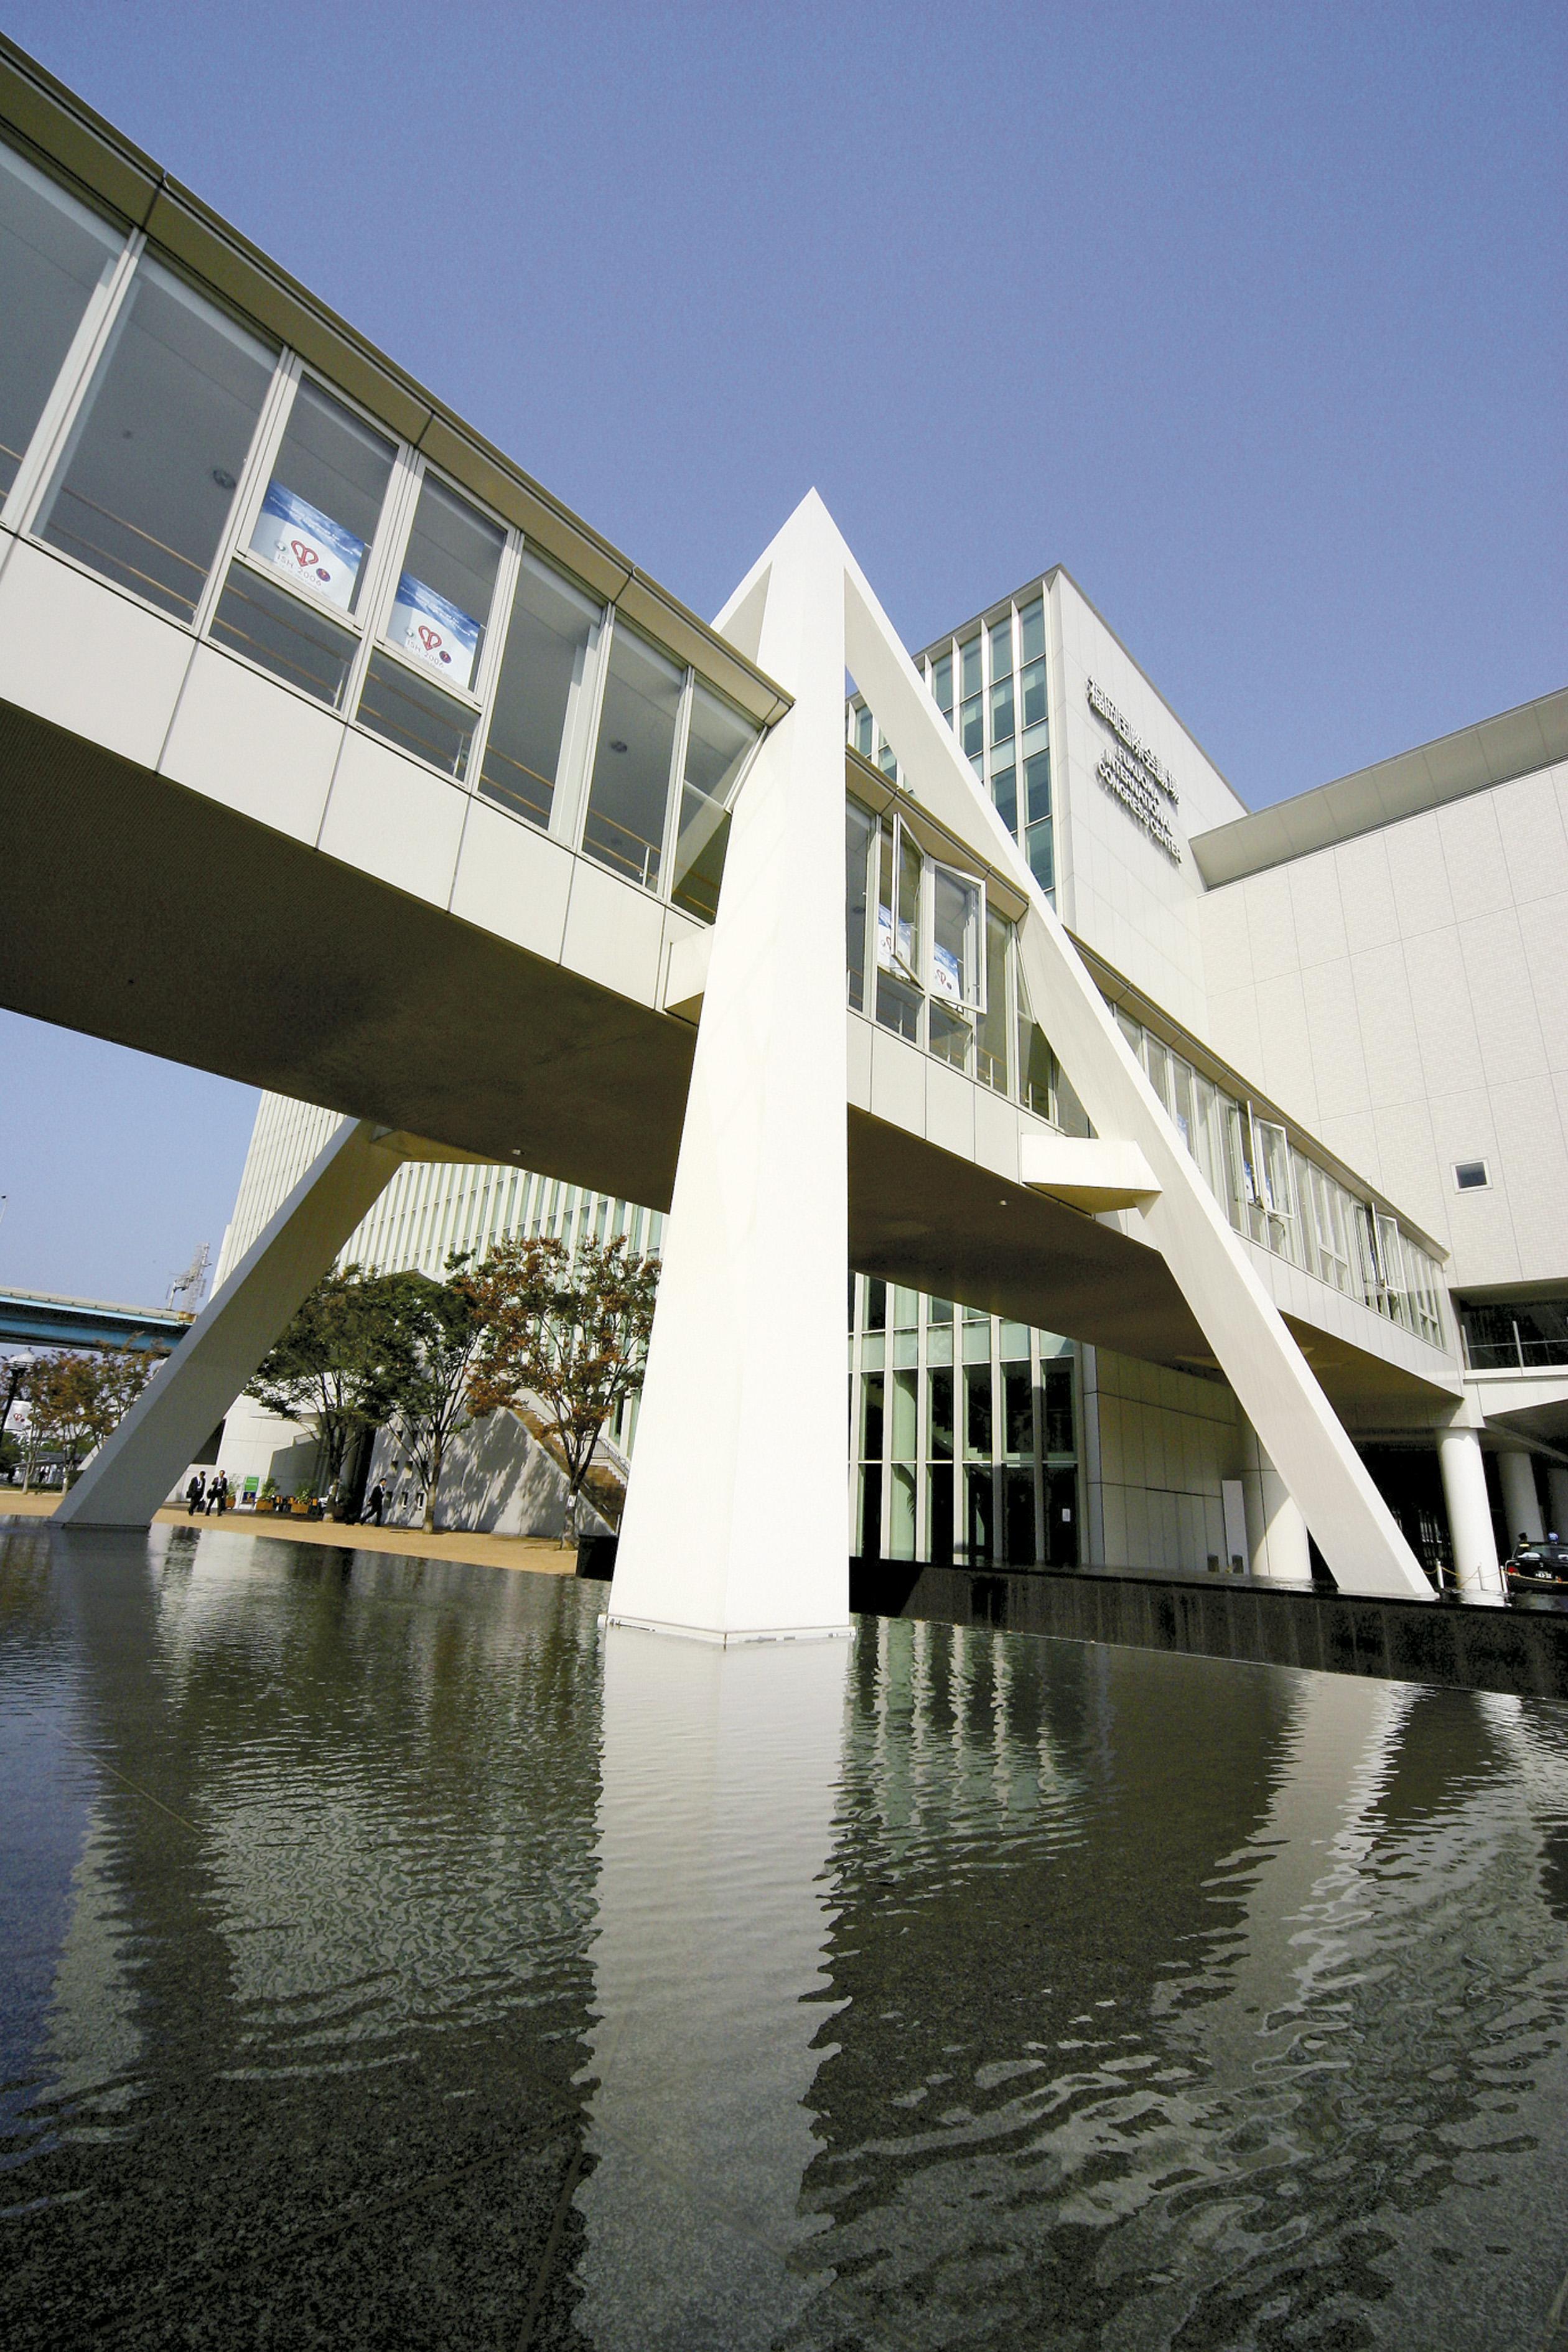 福岡国際会議場(2006)の画像